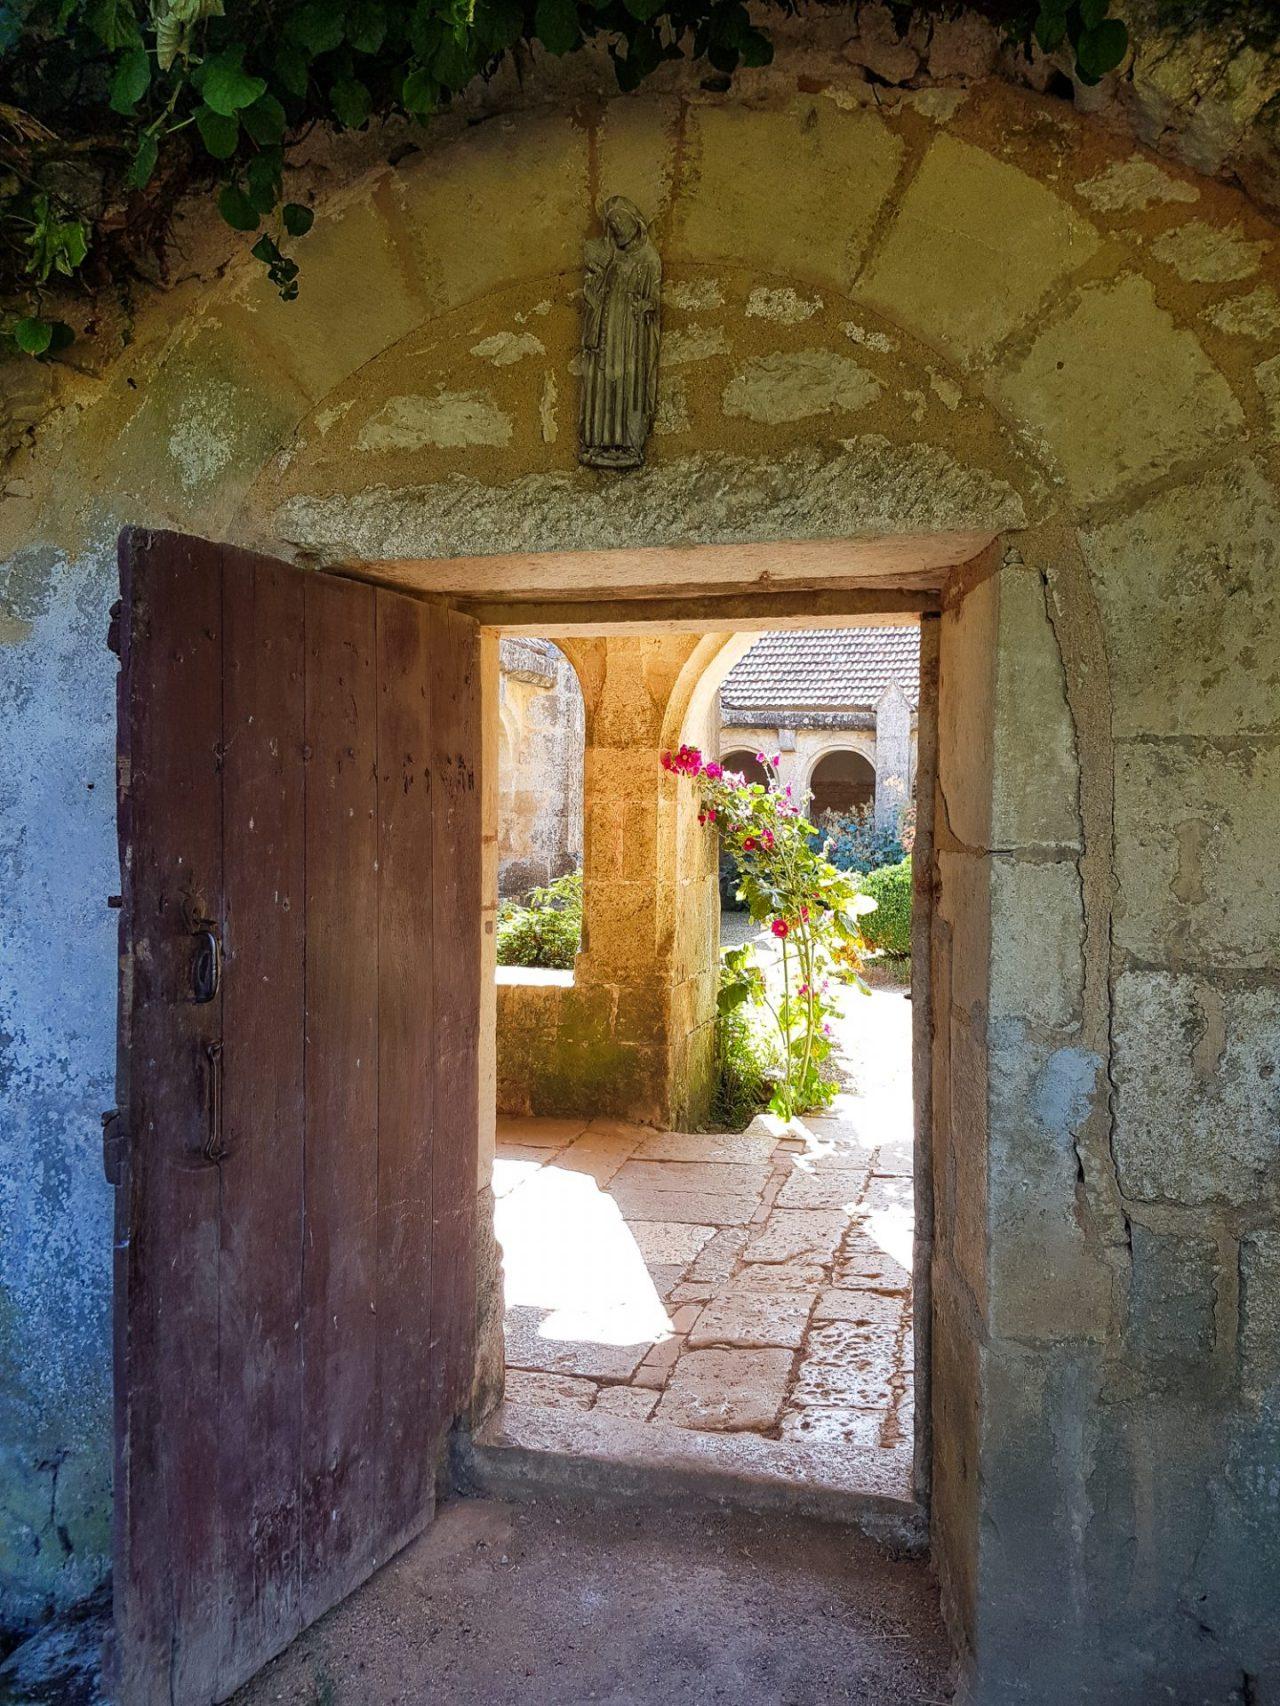 bourgogne-yonne-chatelgerard-prieure-de-vausse-treizieme-siecle-porte-cloitre-lumiere-samsung